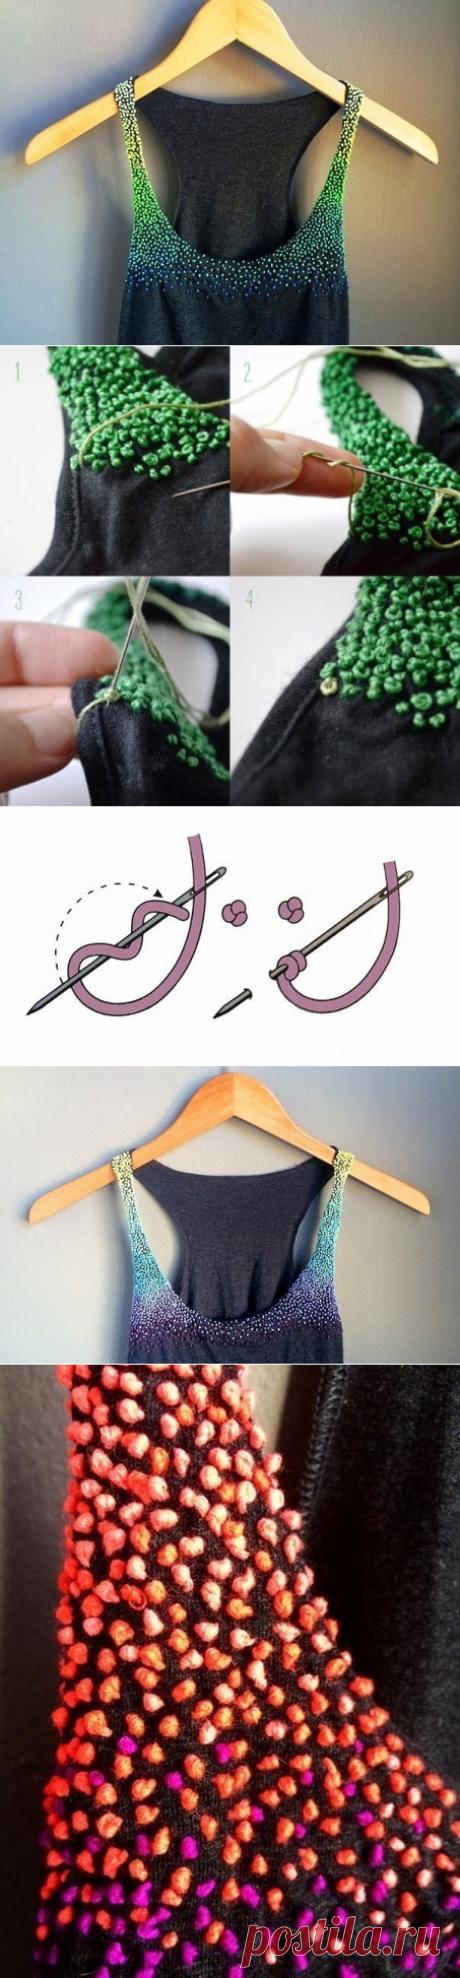 Украшаем вещи узелками — Сделай сам, идеи для творчества - DIY Ideas